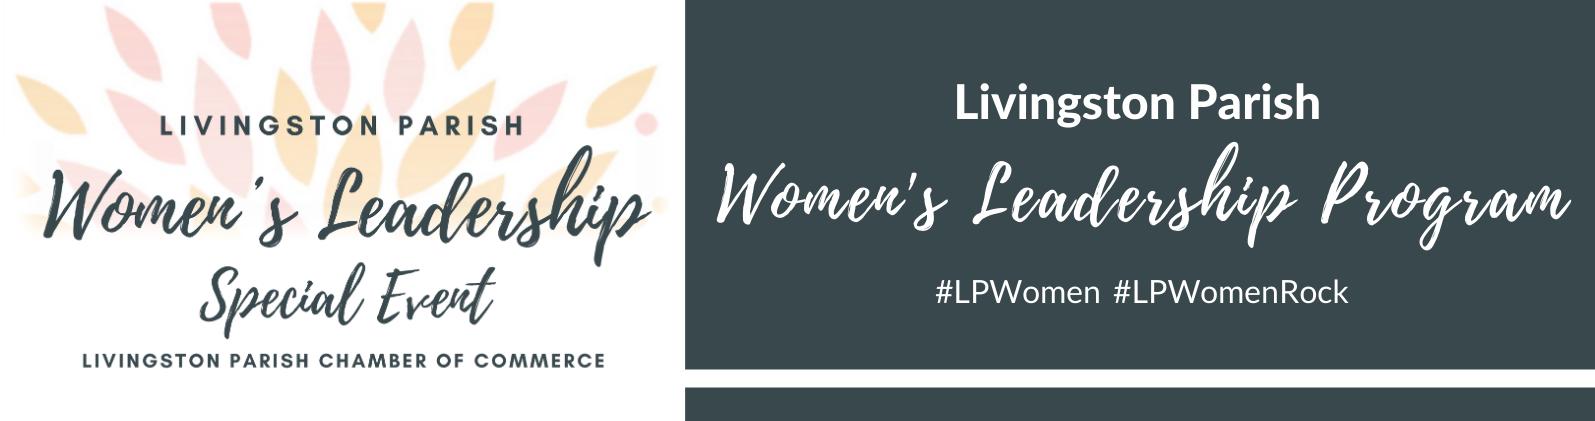 Women's Event-Program Website